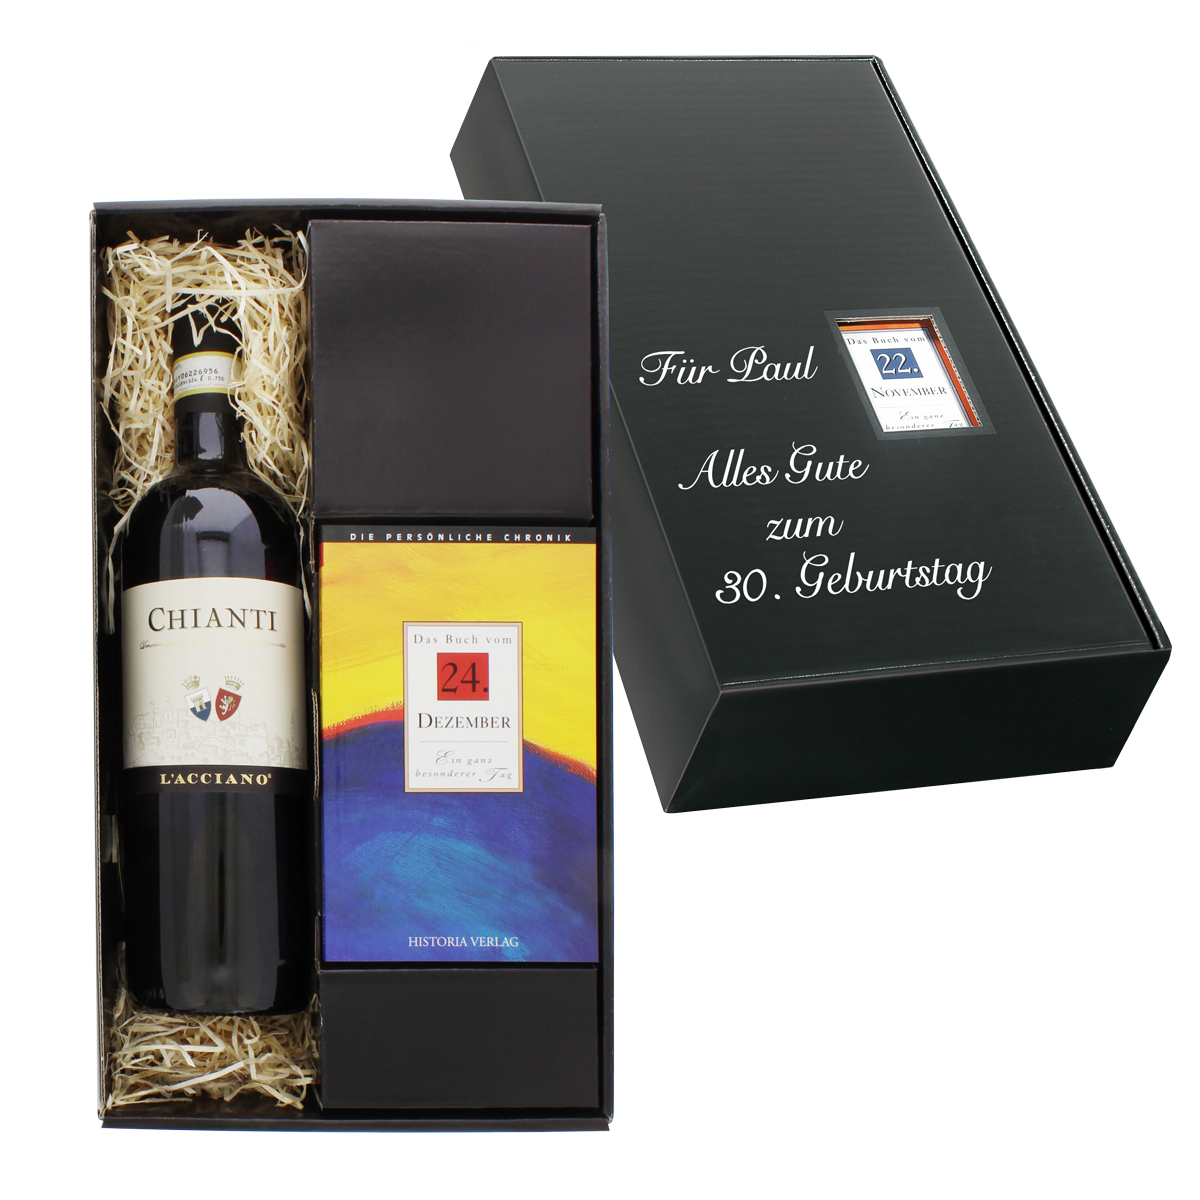 Italien-Set: Tageschronik vom 11. Juni & Chianti-Wein